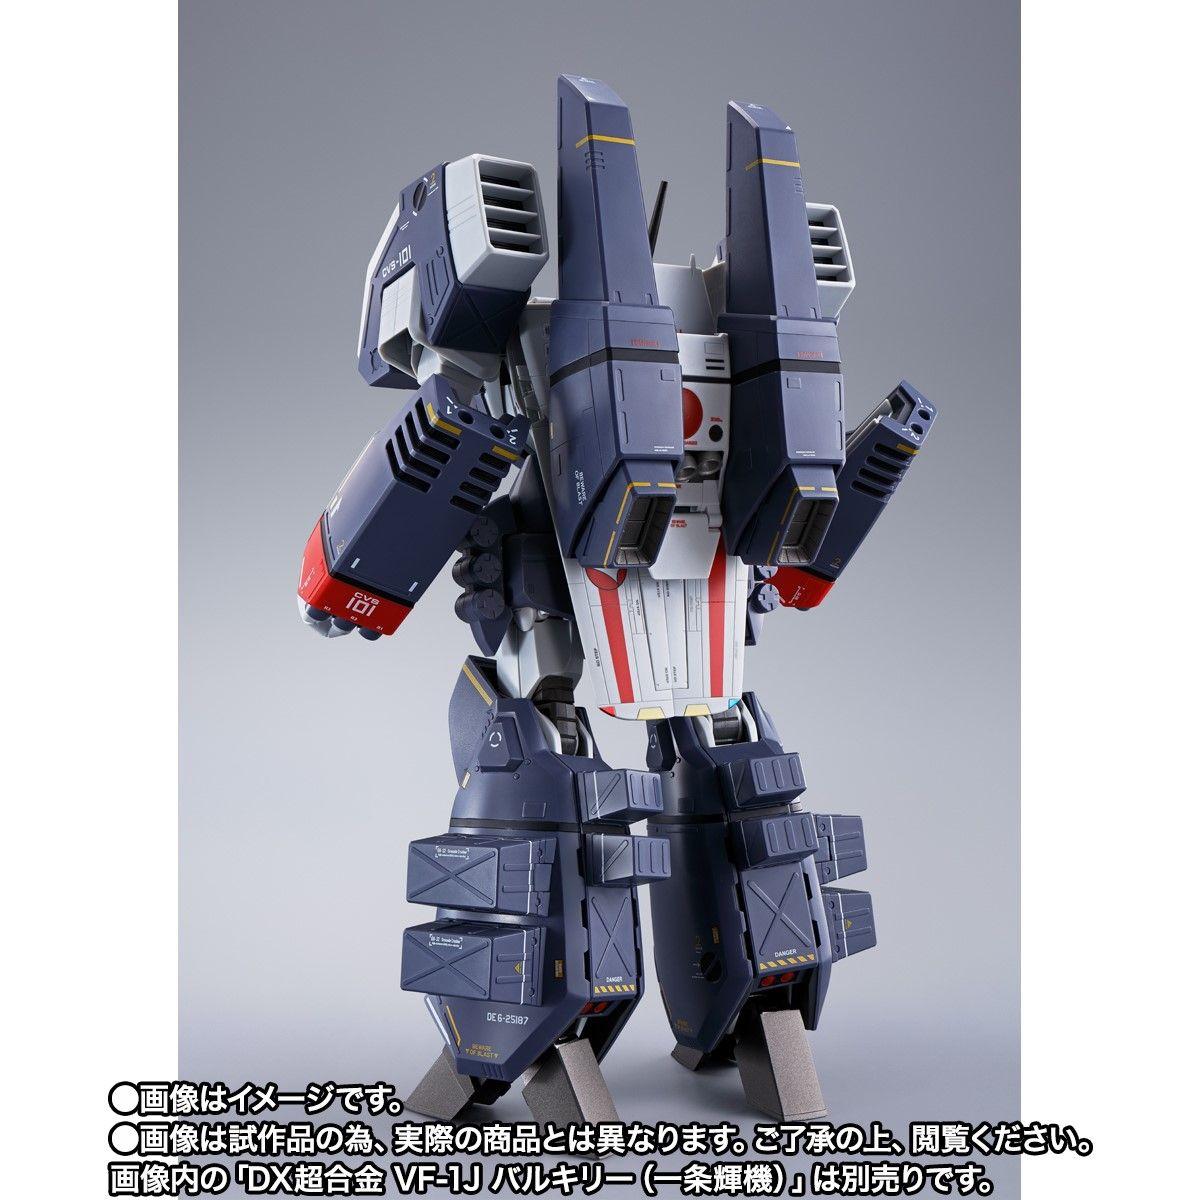 【限定販売】DX超合金『VF-1J対応アーマードパーツセット』超時空要塞マクロス オプションパーツ-003